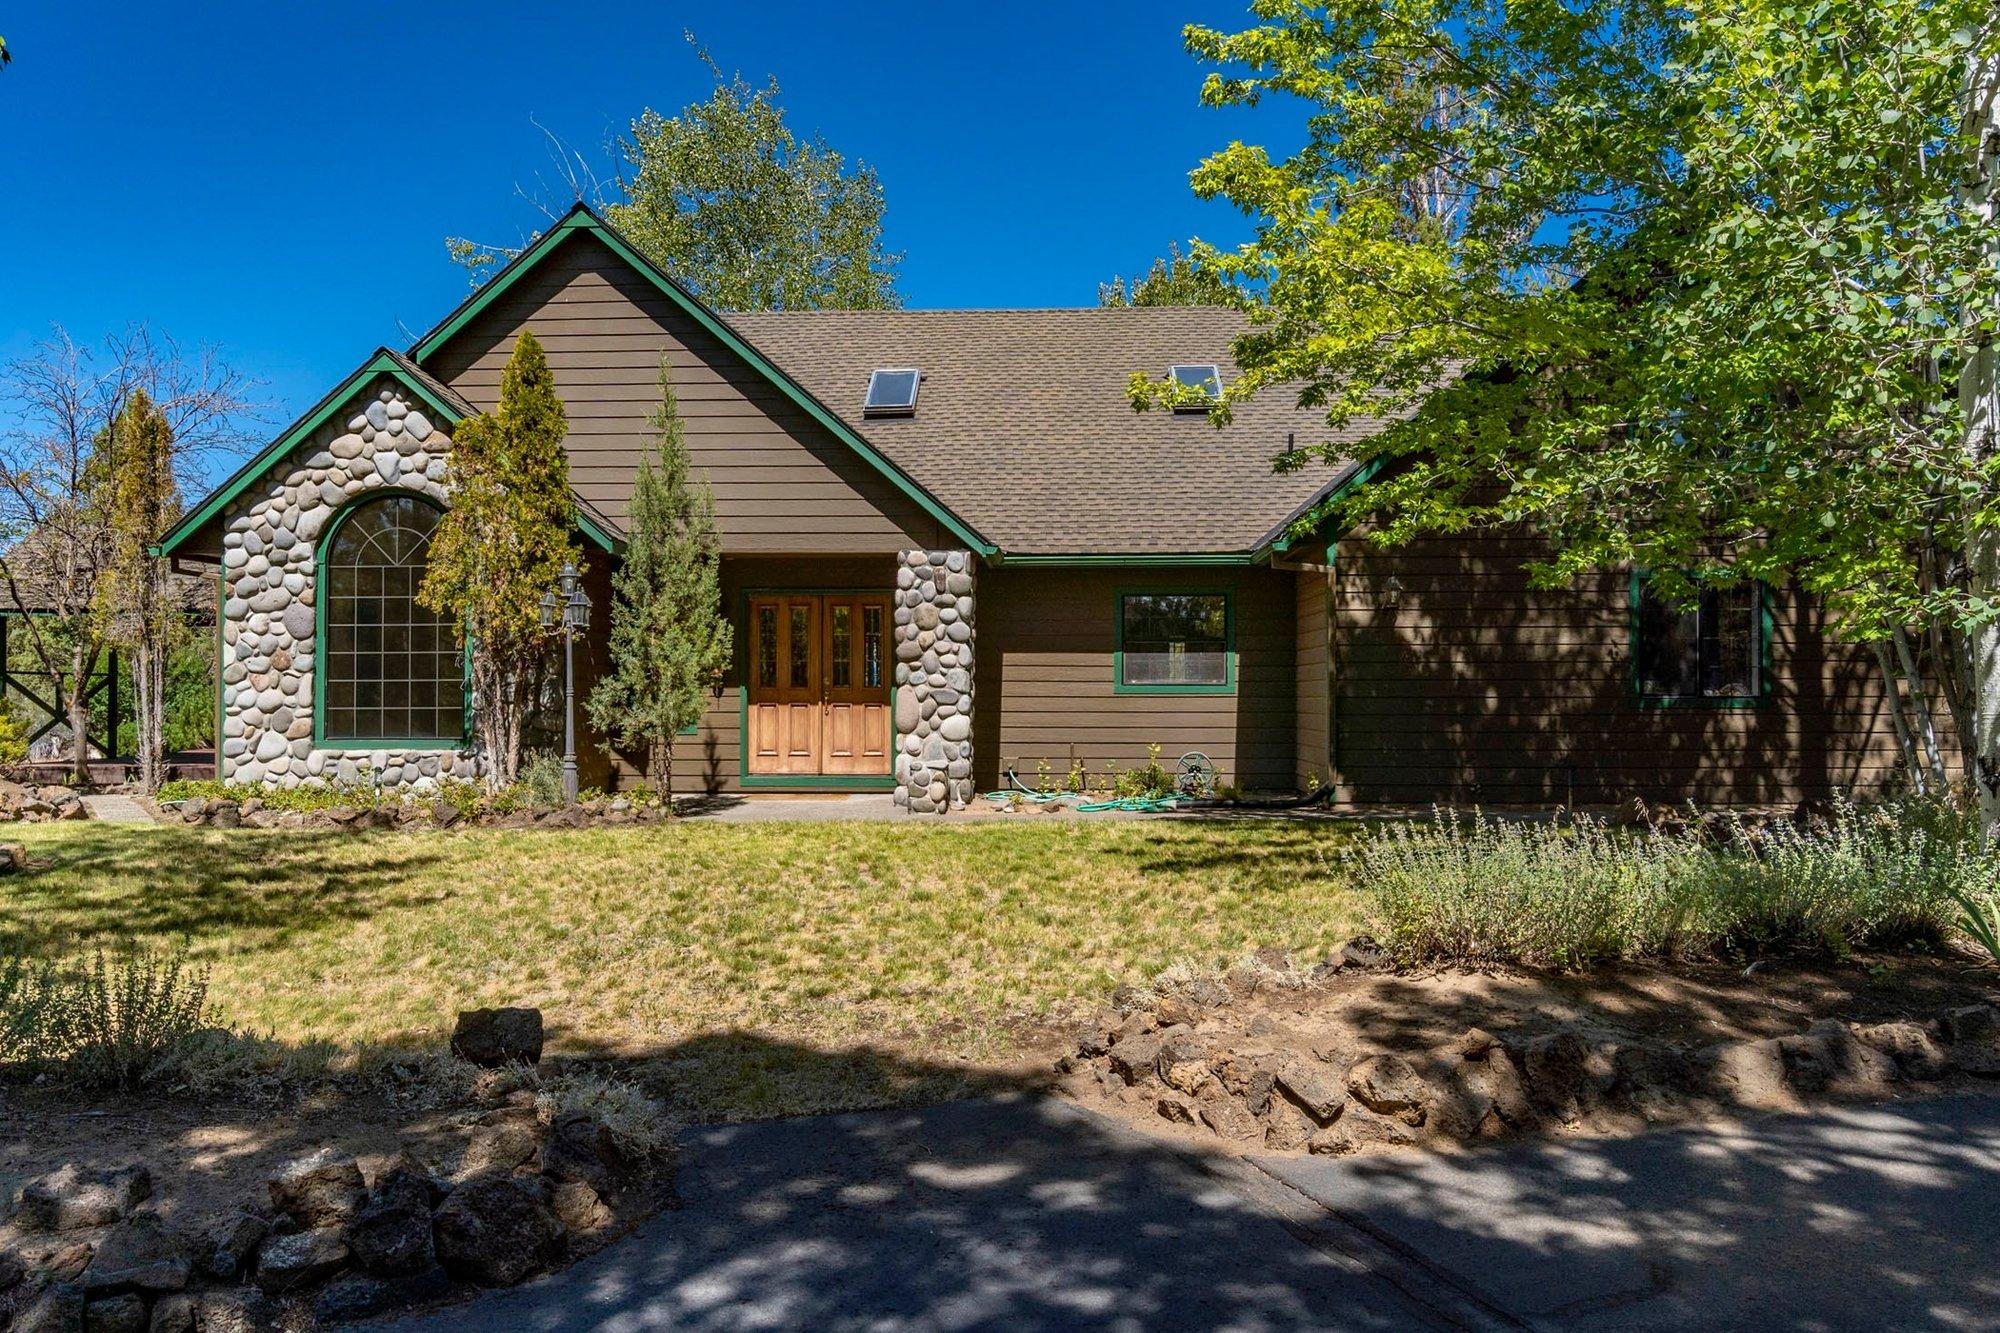 Maison à Bend, Oregon, États-Unis 1 - 11564521